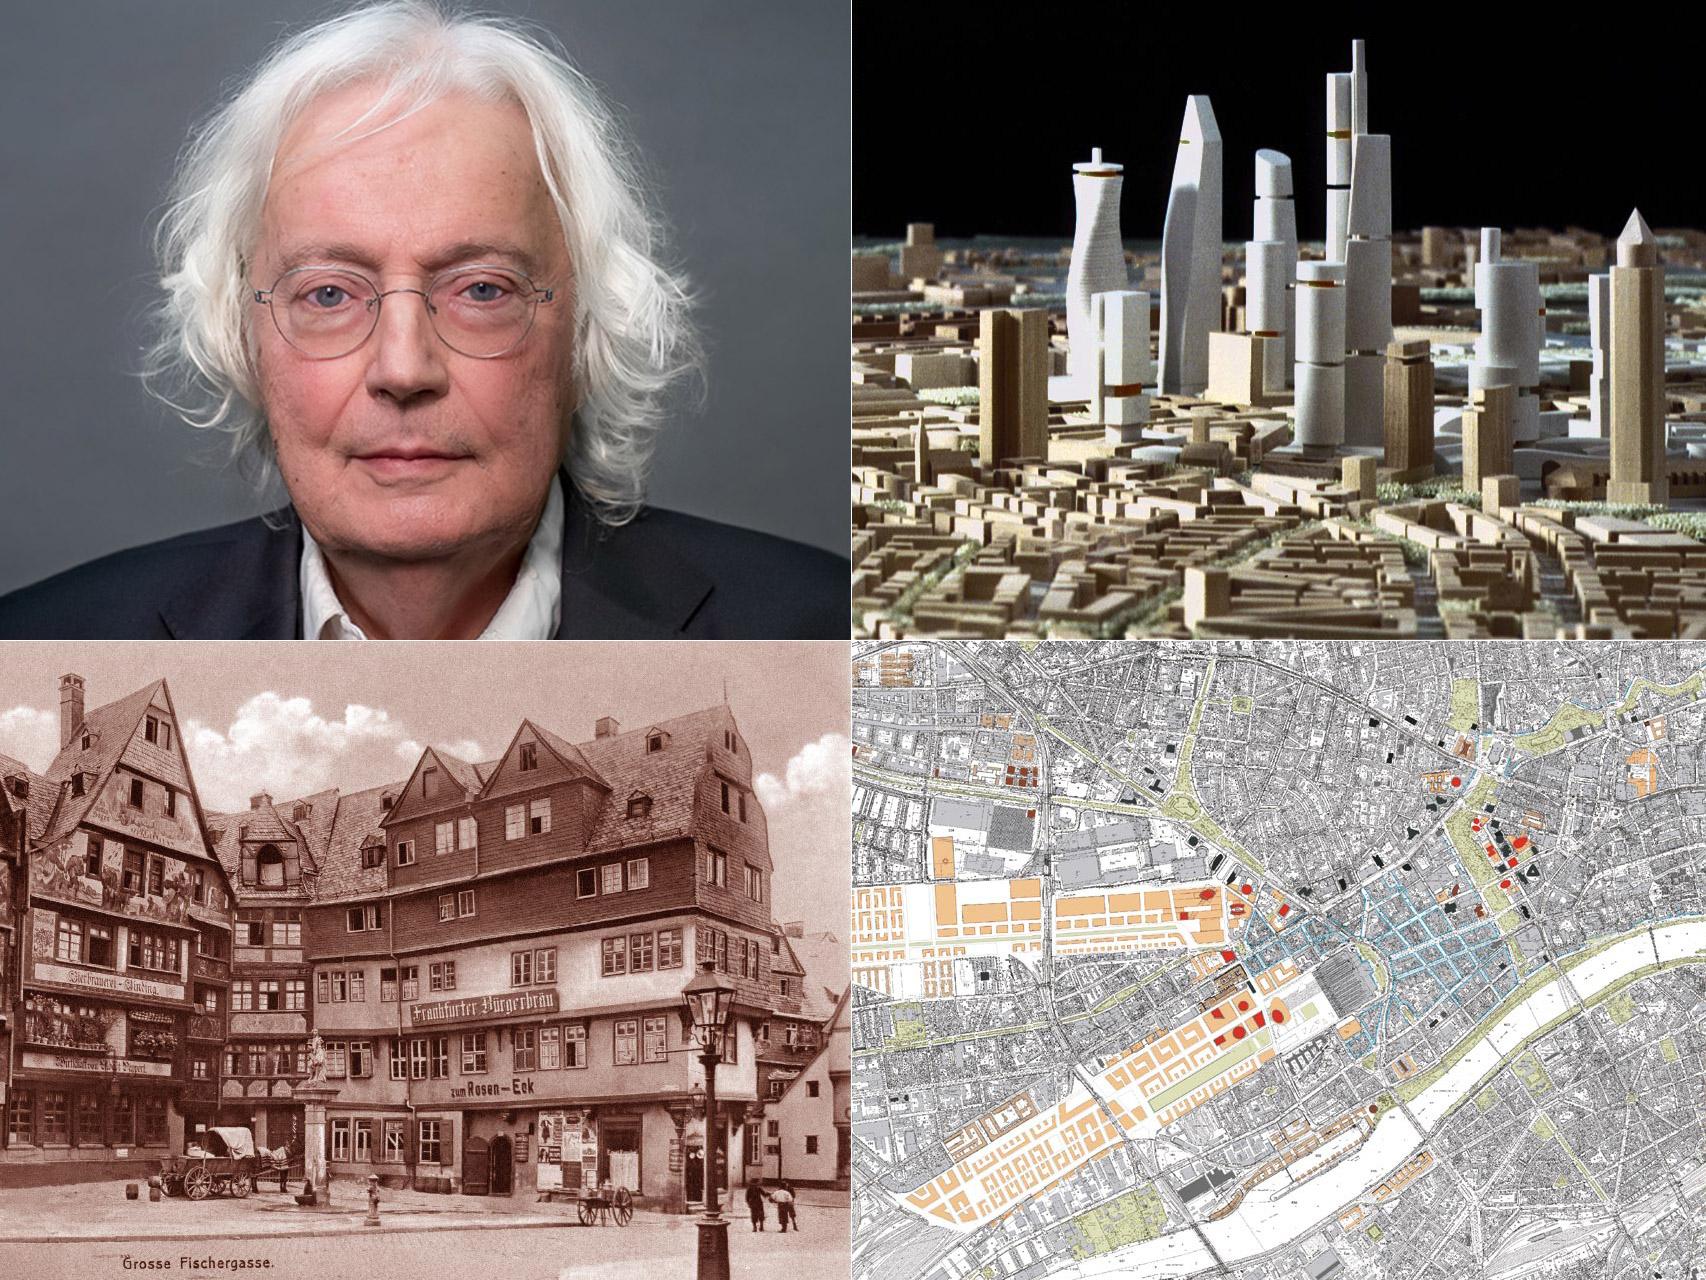 Professor Jochem Jourdan - Architektur und Stadtplaner in Frankfurt am Main - Hochhausentwicklungsplan Frankfurt - Interview